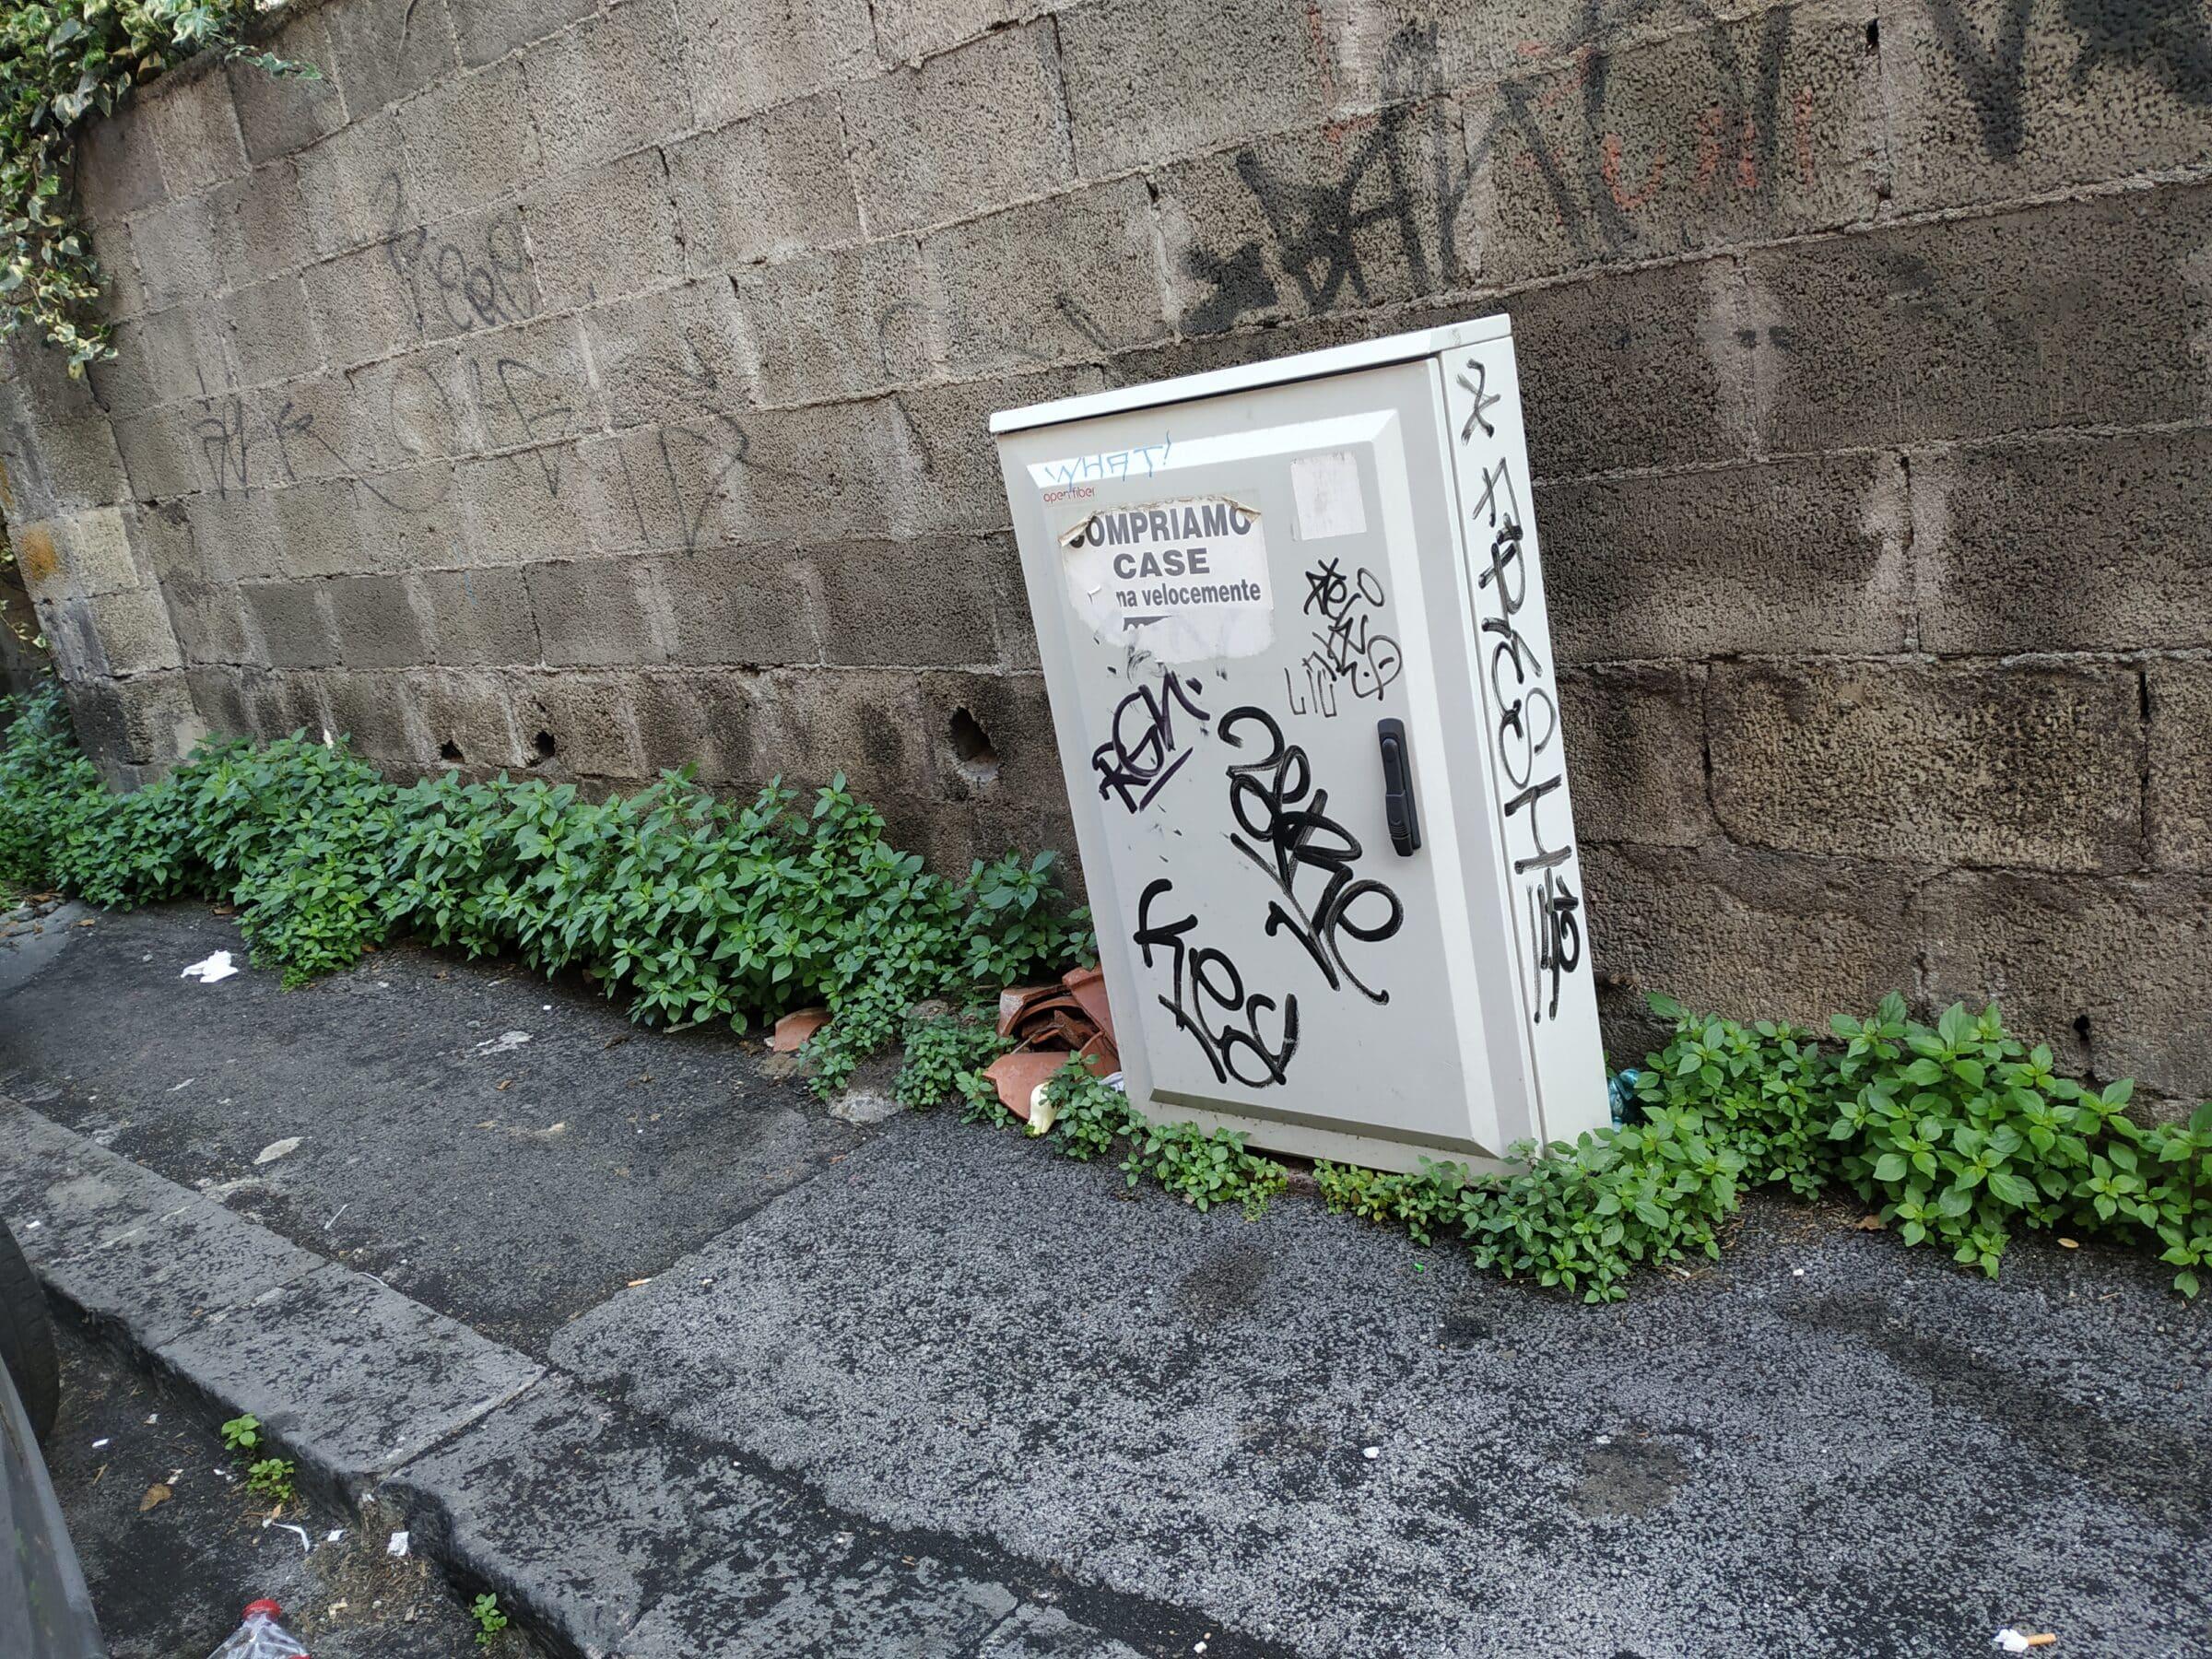 Catania, degrado nel quartiere Borgo-Sanzio: dai marciapiedi pieni di erba ai topi. La segnalazione del Comitato Cittadino Vulcania